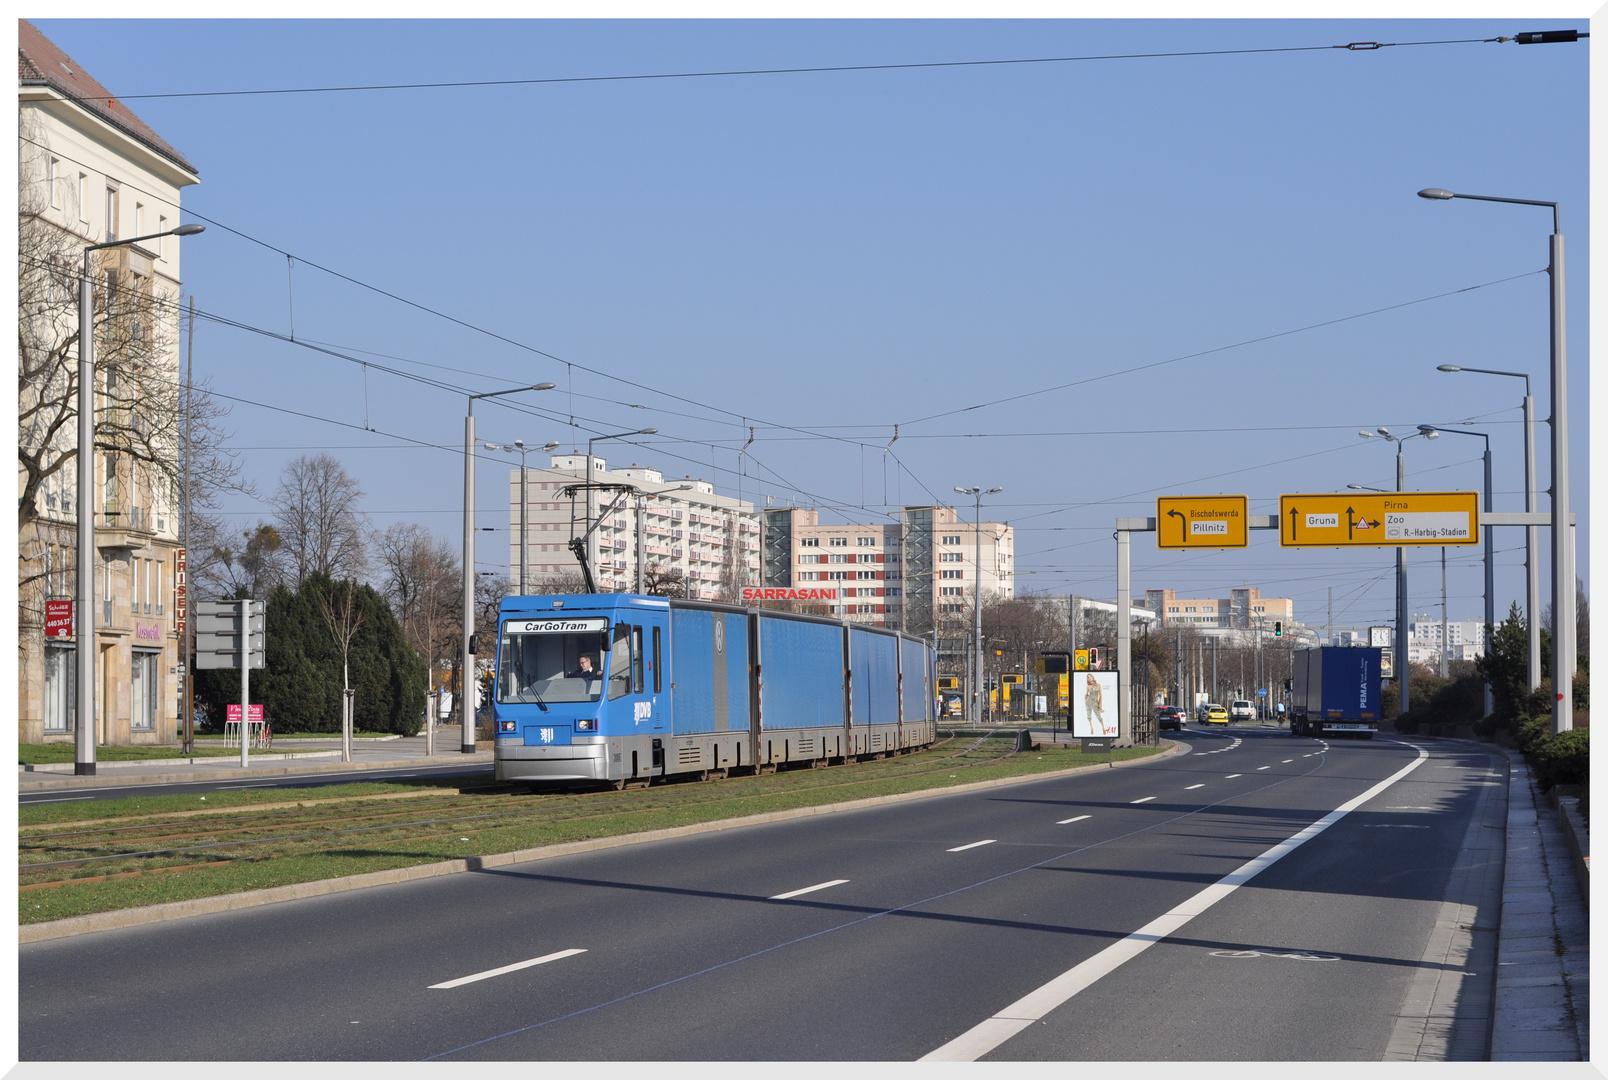 CarGoTram Dresden